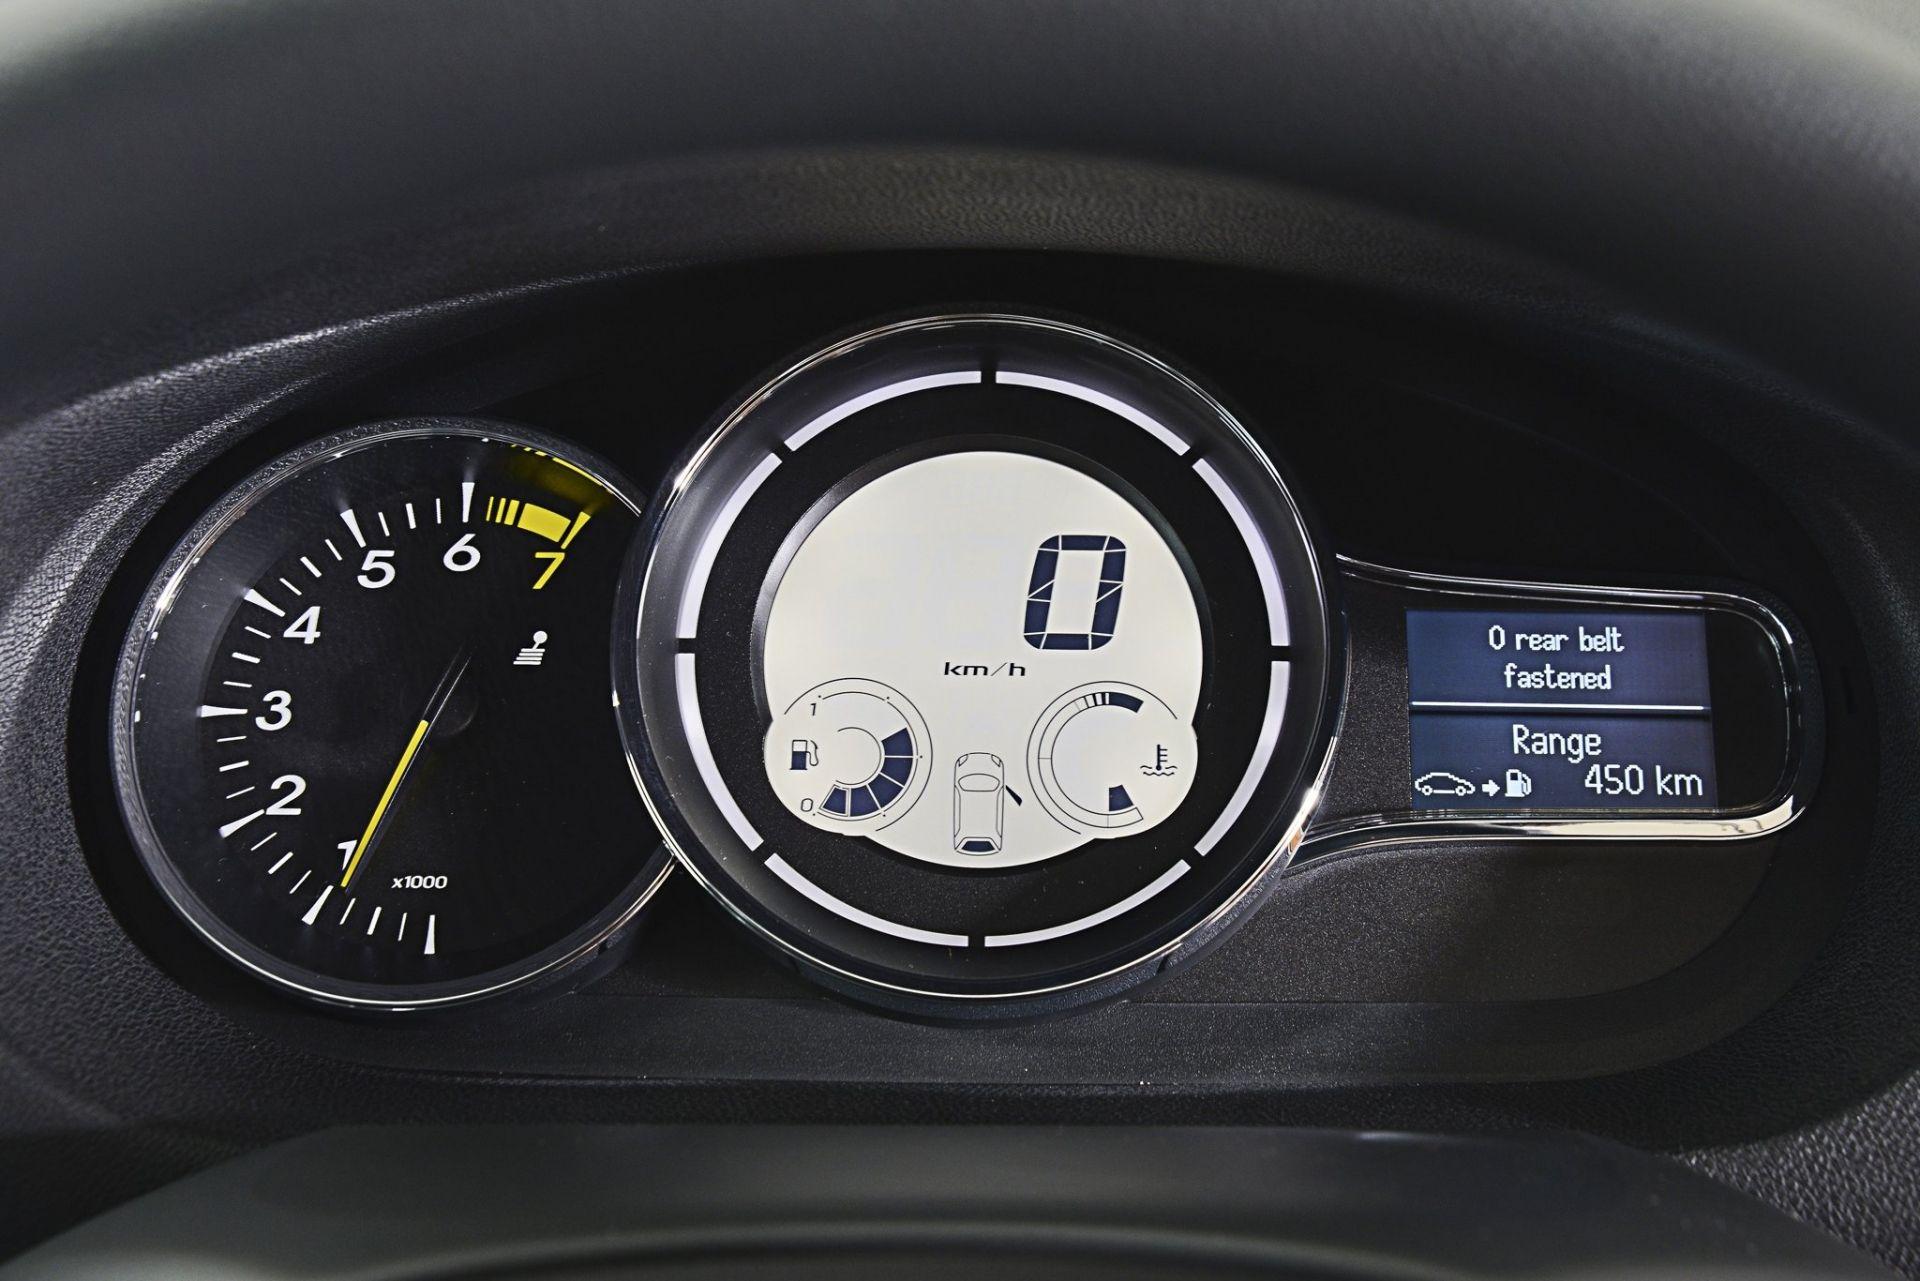 На бортовом компьютере Renault Megane III появилась пиктограмма «Сажевый фильтр»